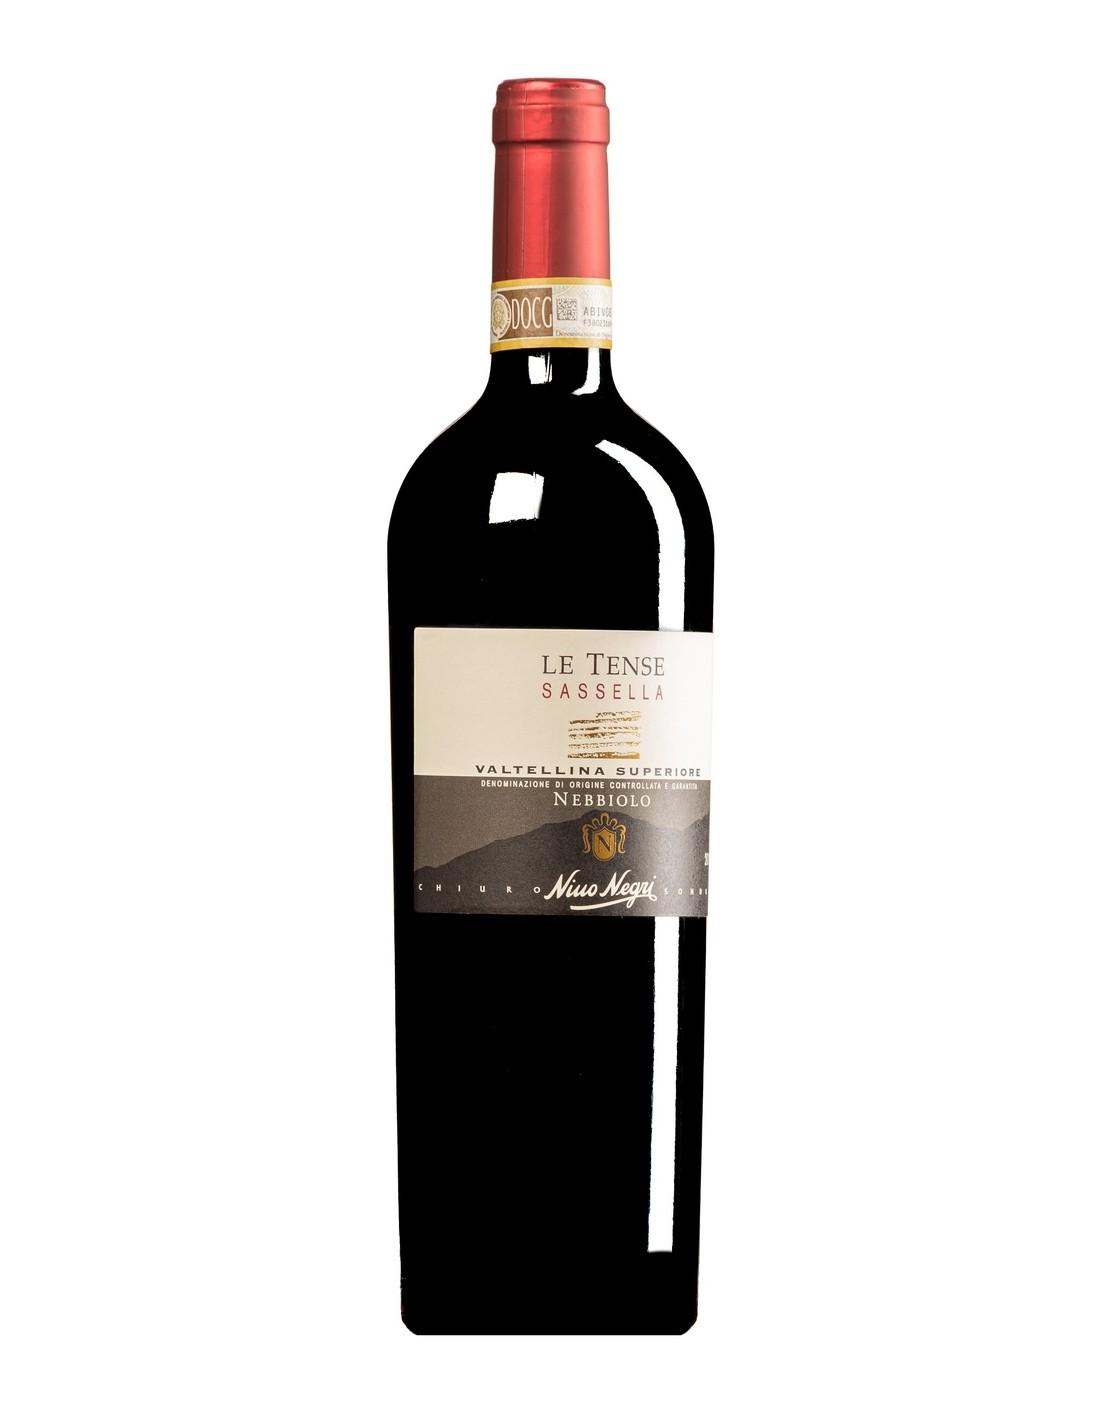 Vin rosu sec, Nebbiolo, Nino Negri La Tense Sassella Valtellina Superiore, 13.5% alc., 0.75L, Italia